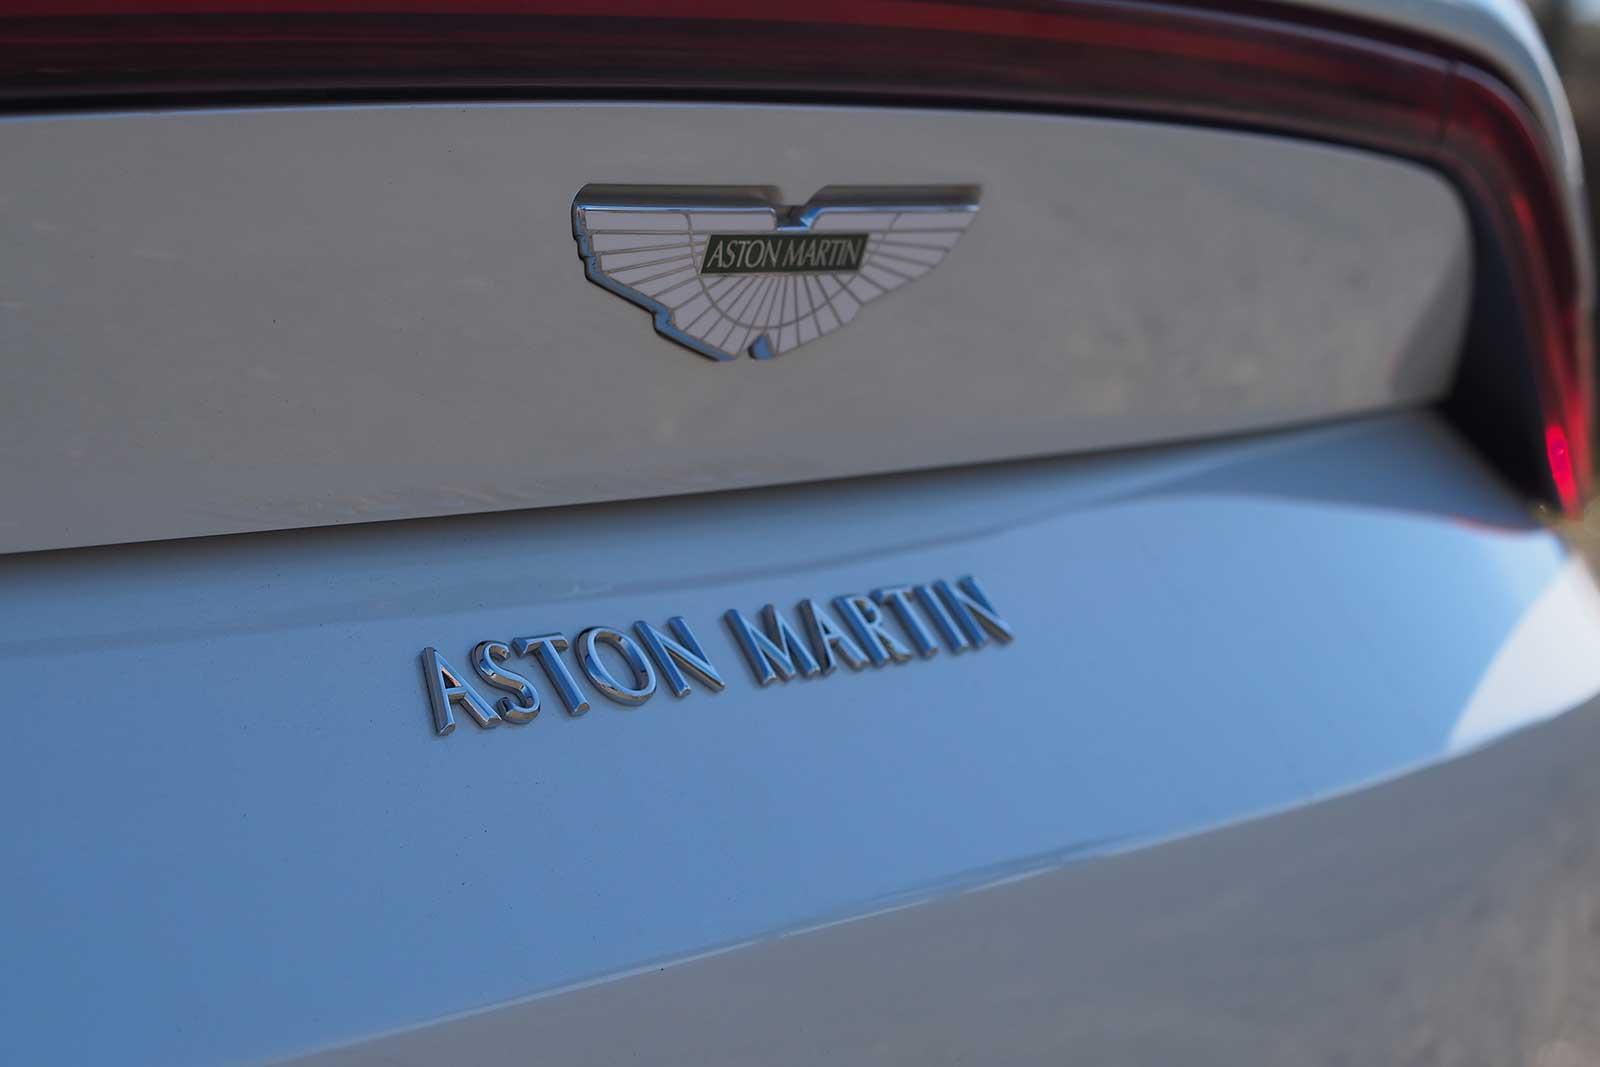 Aston Martin to Use Valhalla Name on New Supercar